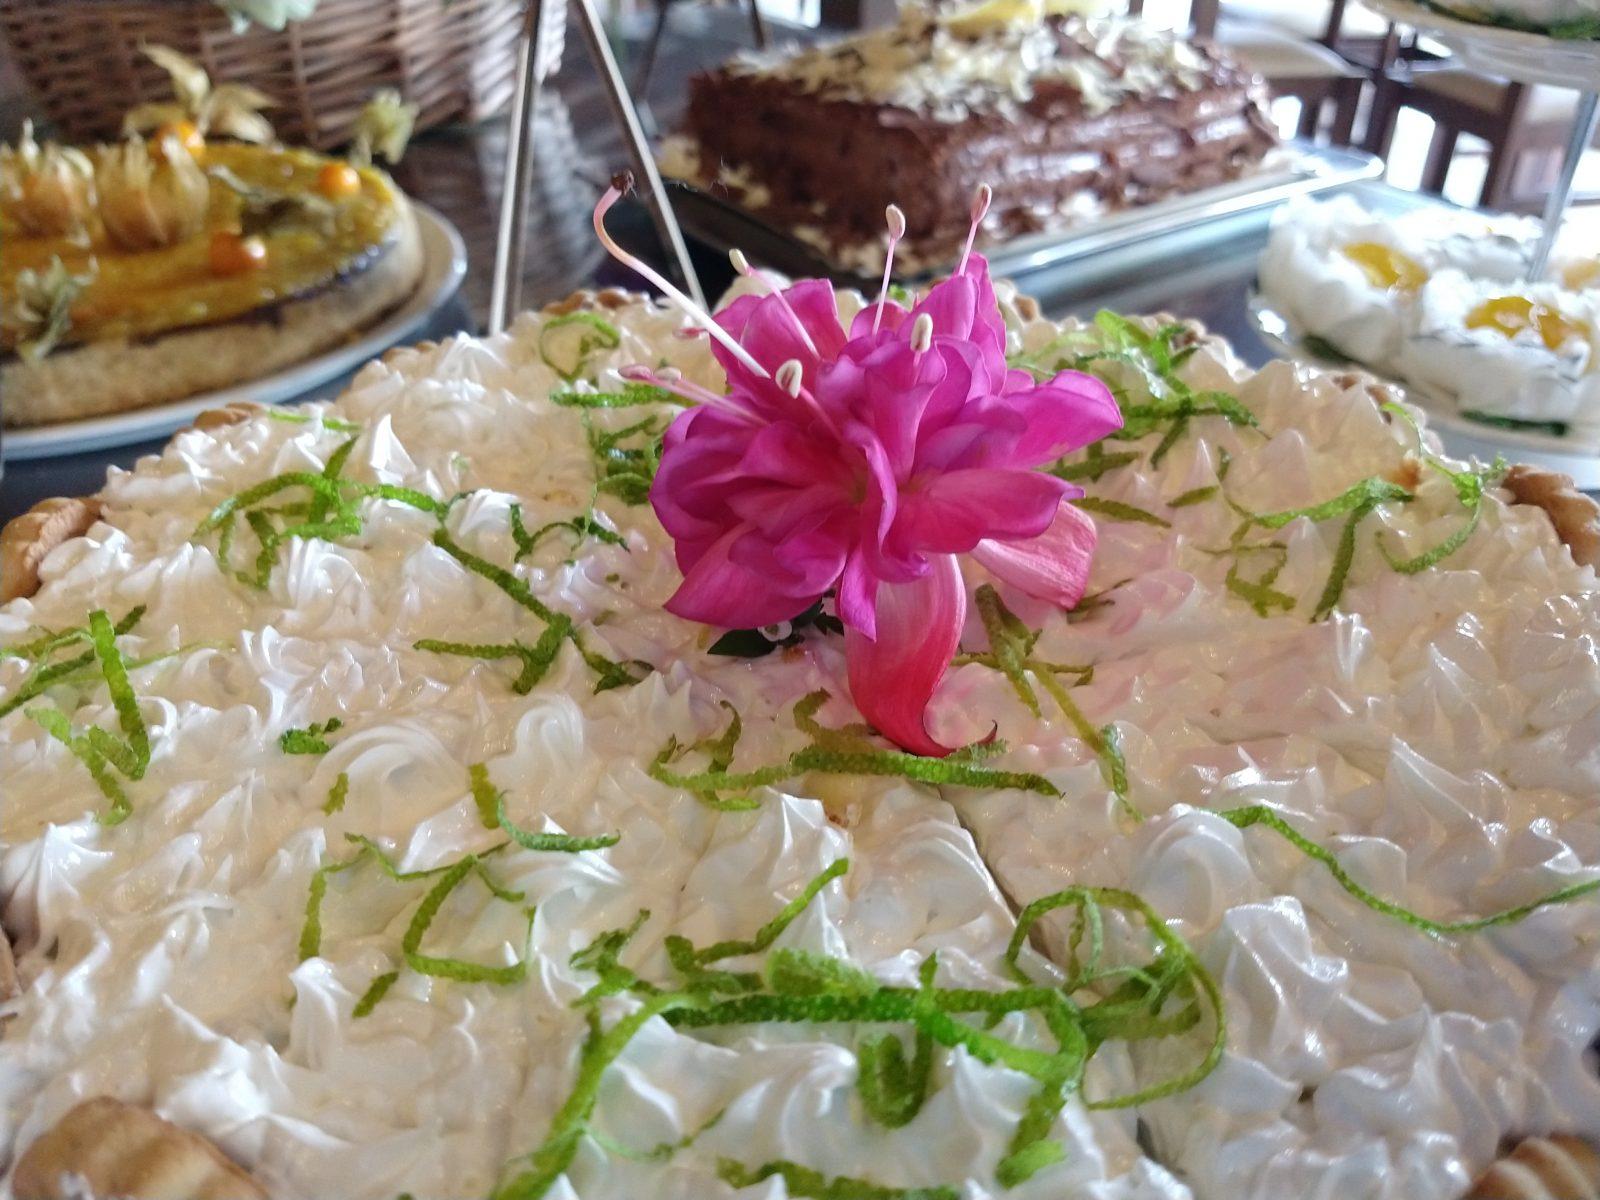 Cha da Tarde - O Hotel Bangalôs da Serra, comprometido com sua filosofia de sustentabilidade em prol da comunidade local, organizou um chá da tarde beneficente a fim de arrecadar fundos para o Lar de Idosos Maria de Nazaré, de Gramado.